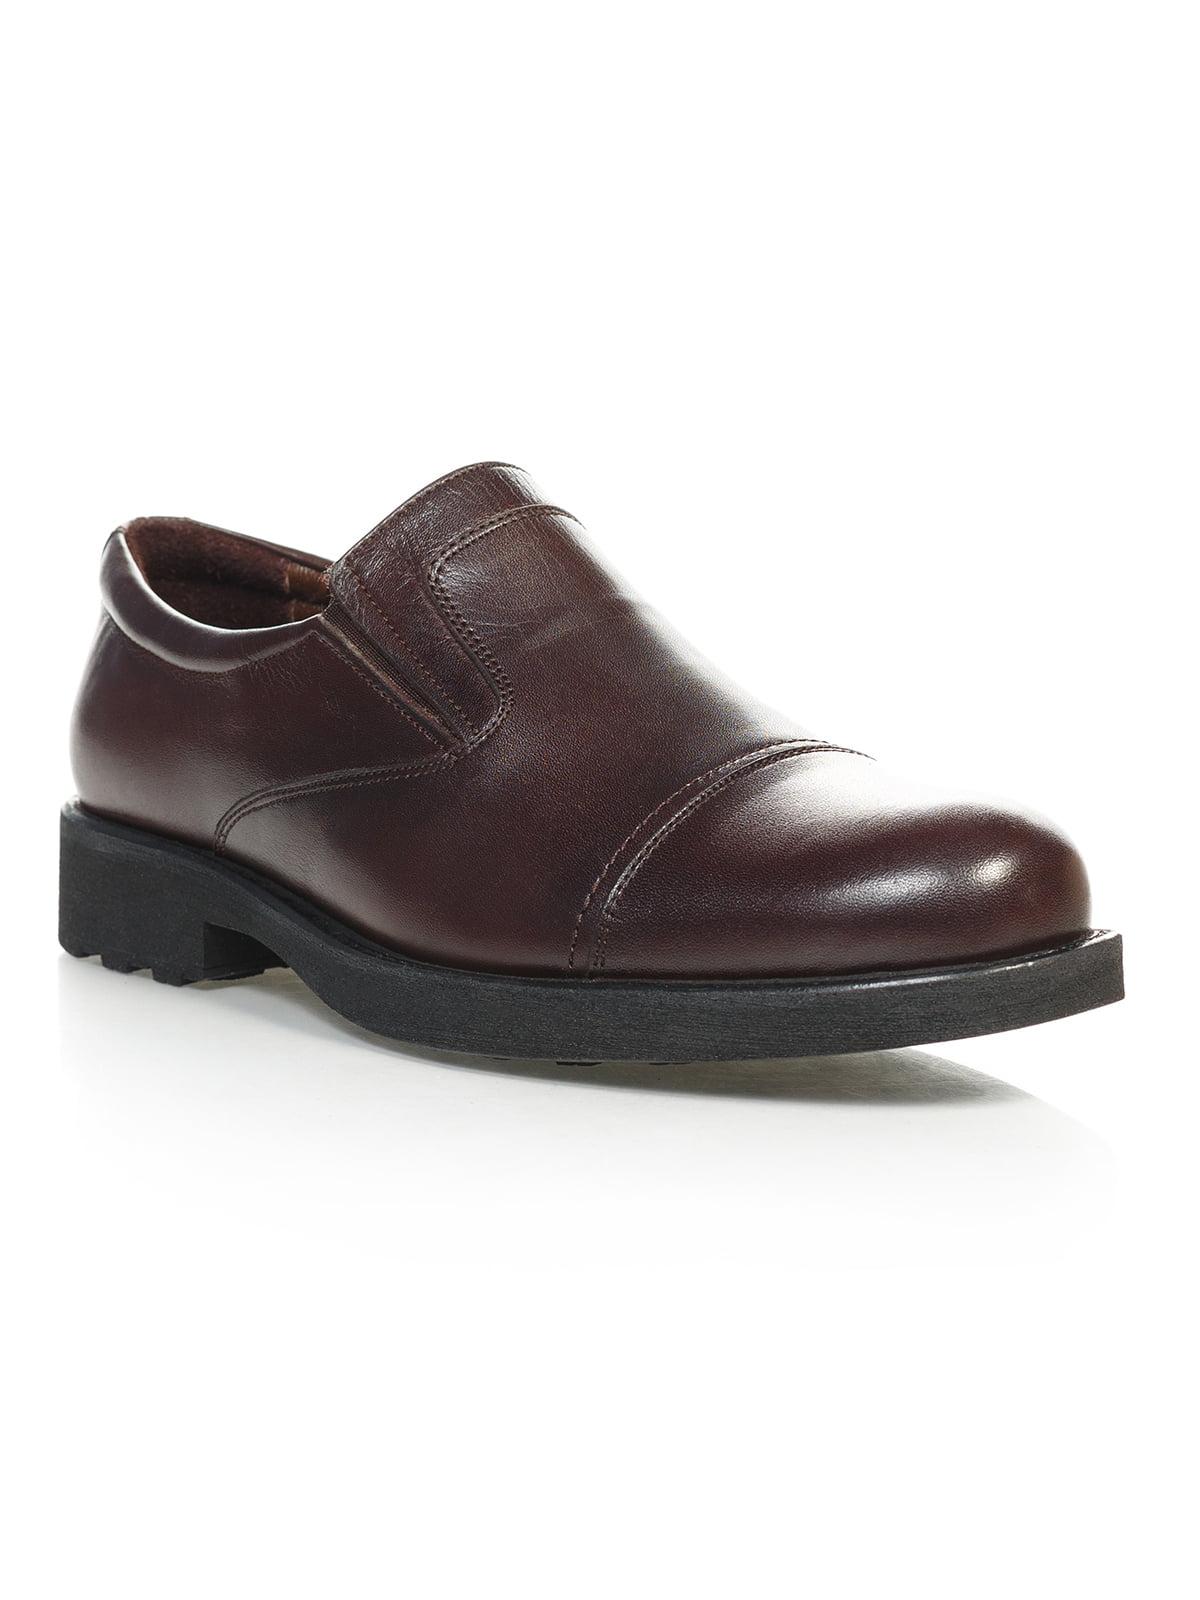 Туфли коричневые | 4783694 | фото 2